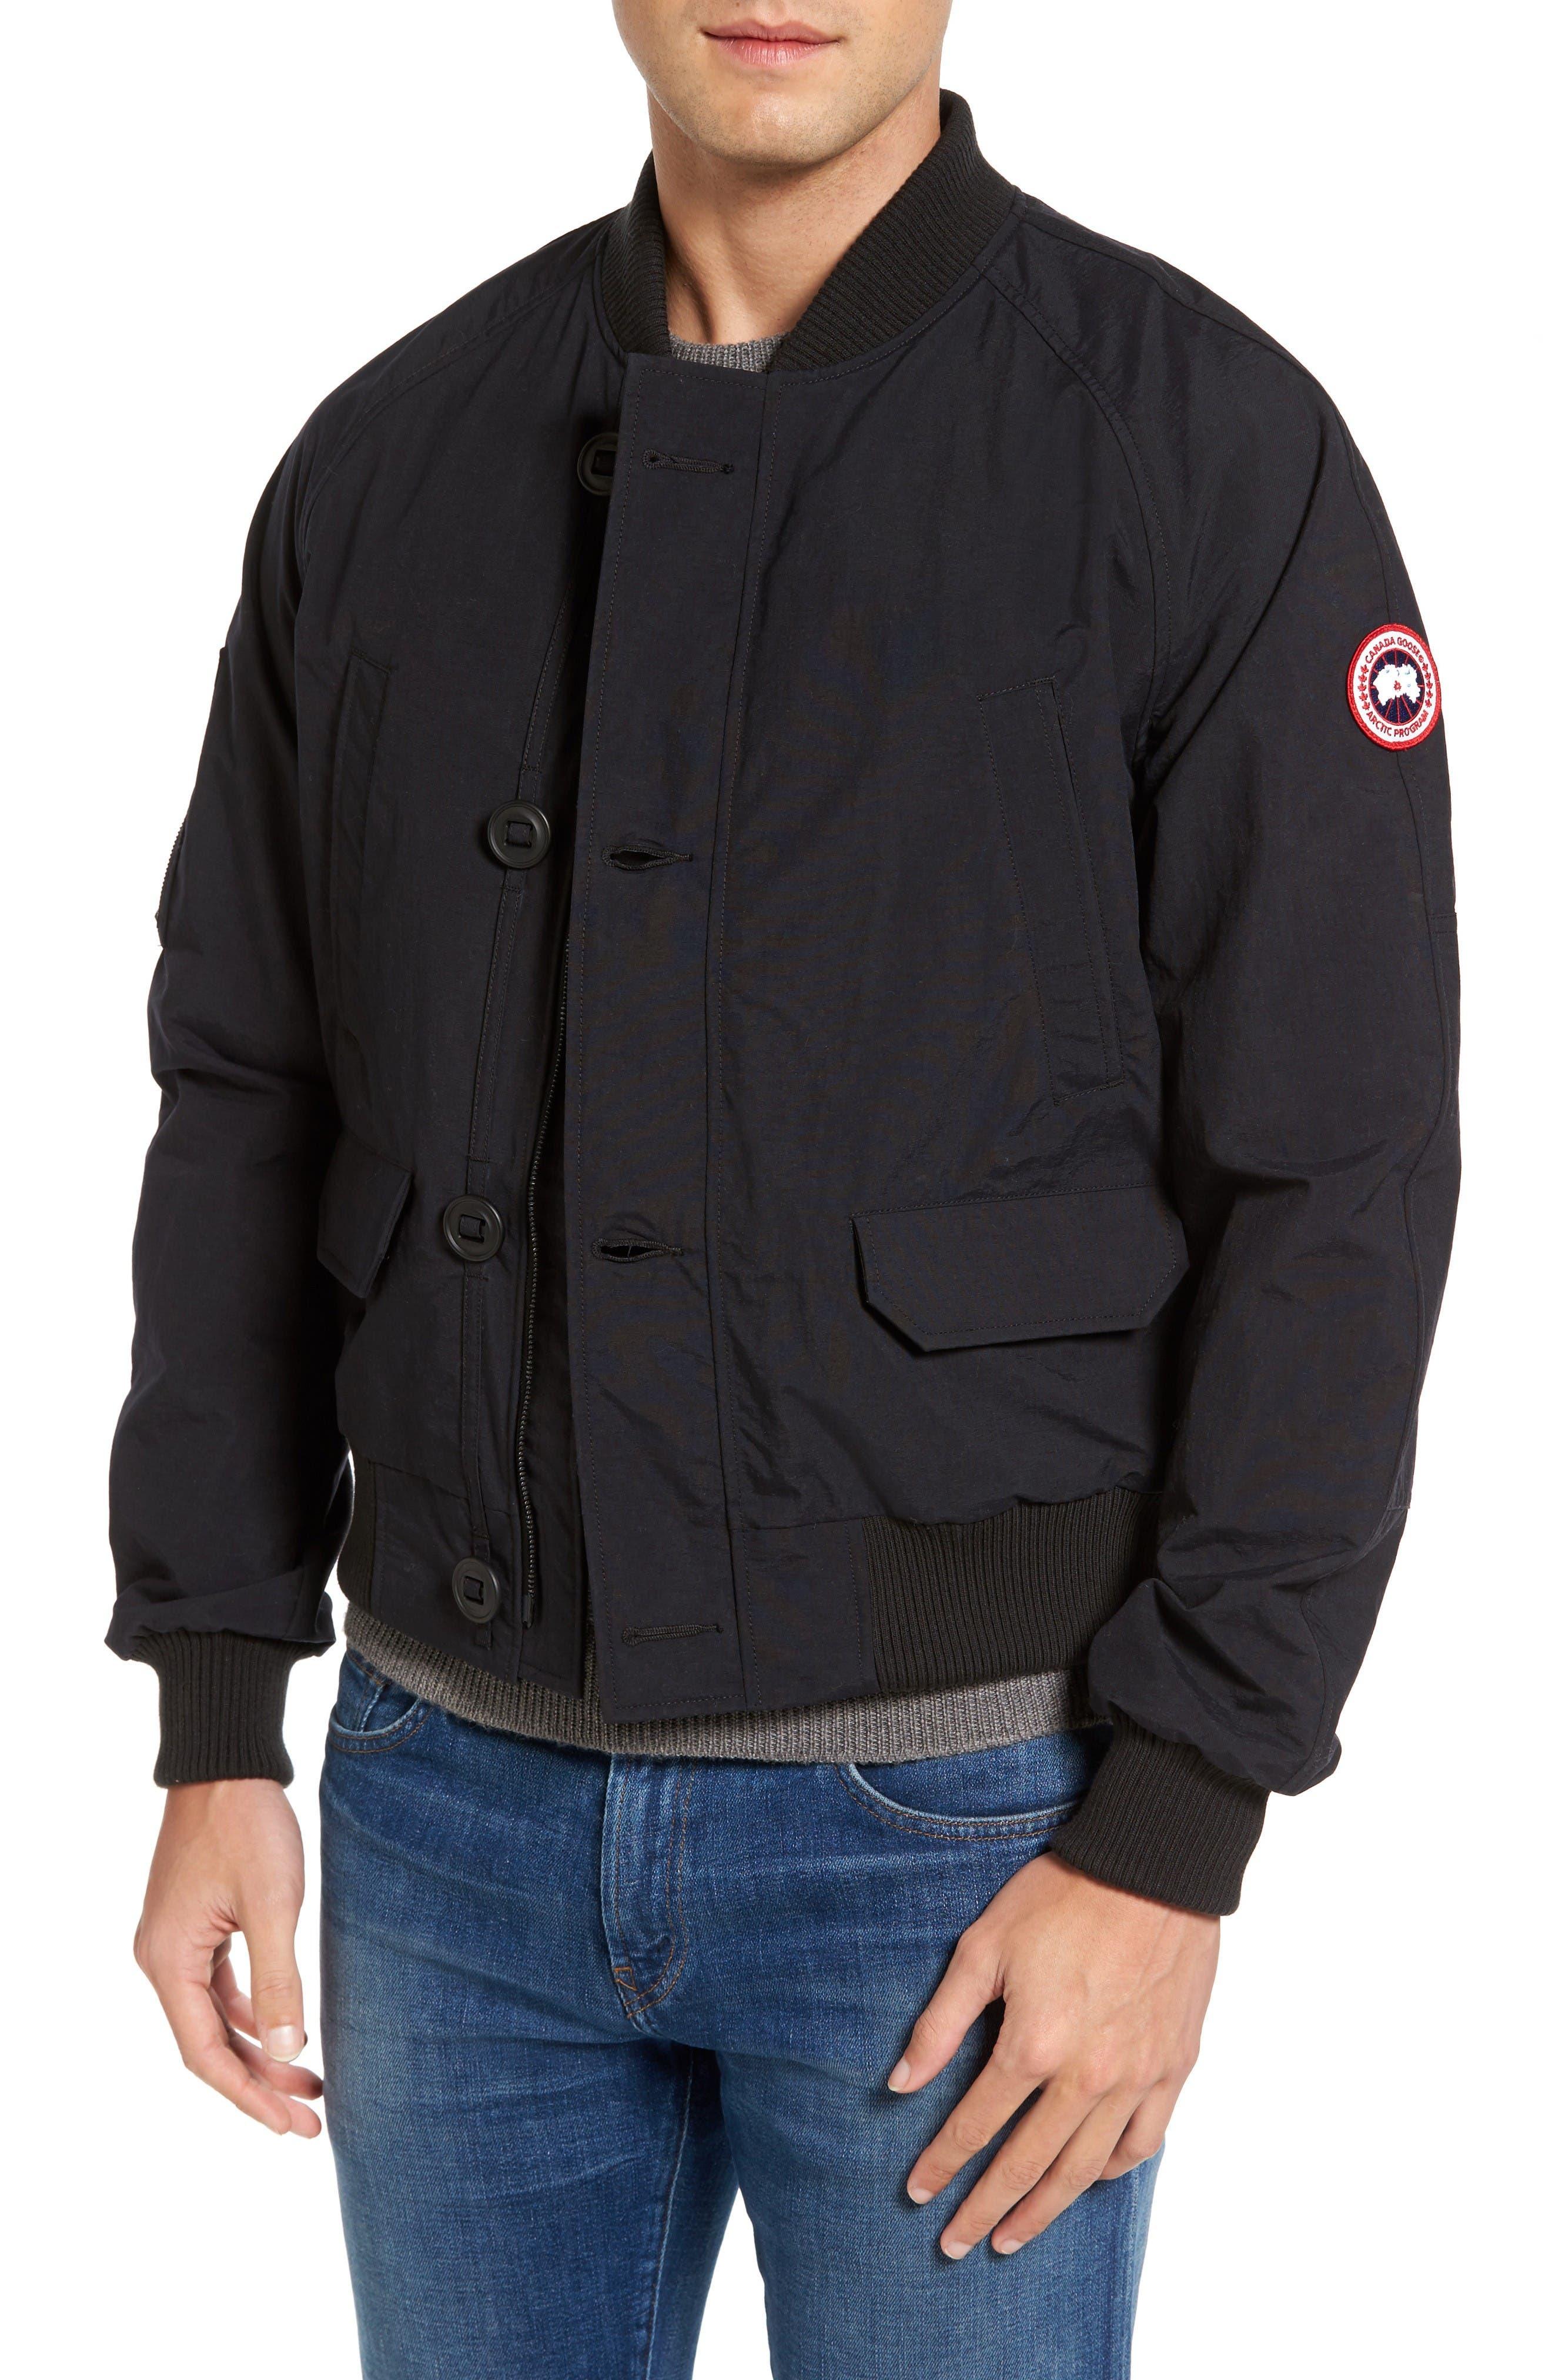 Faber Bomber Jacket,                         Main,                         color, Black